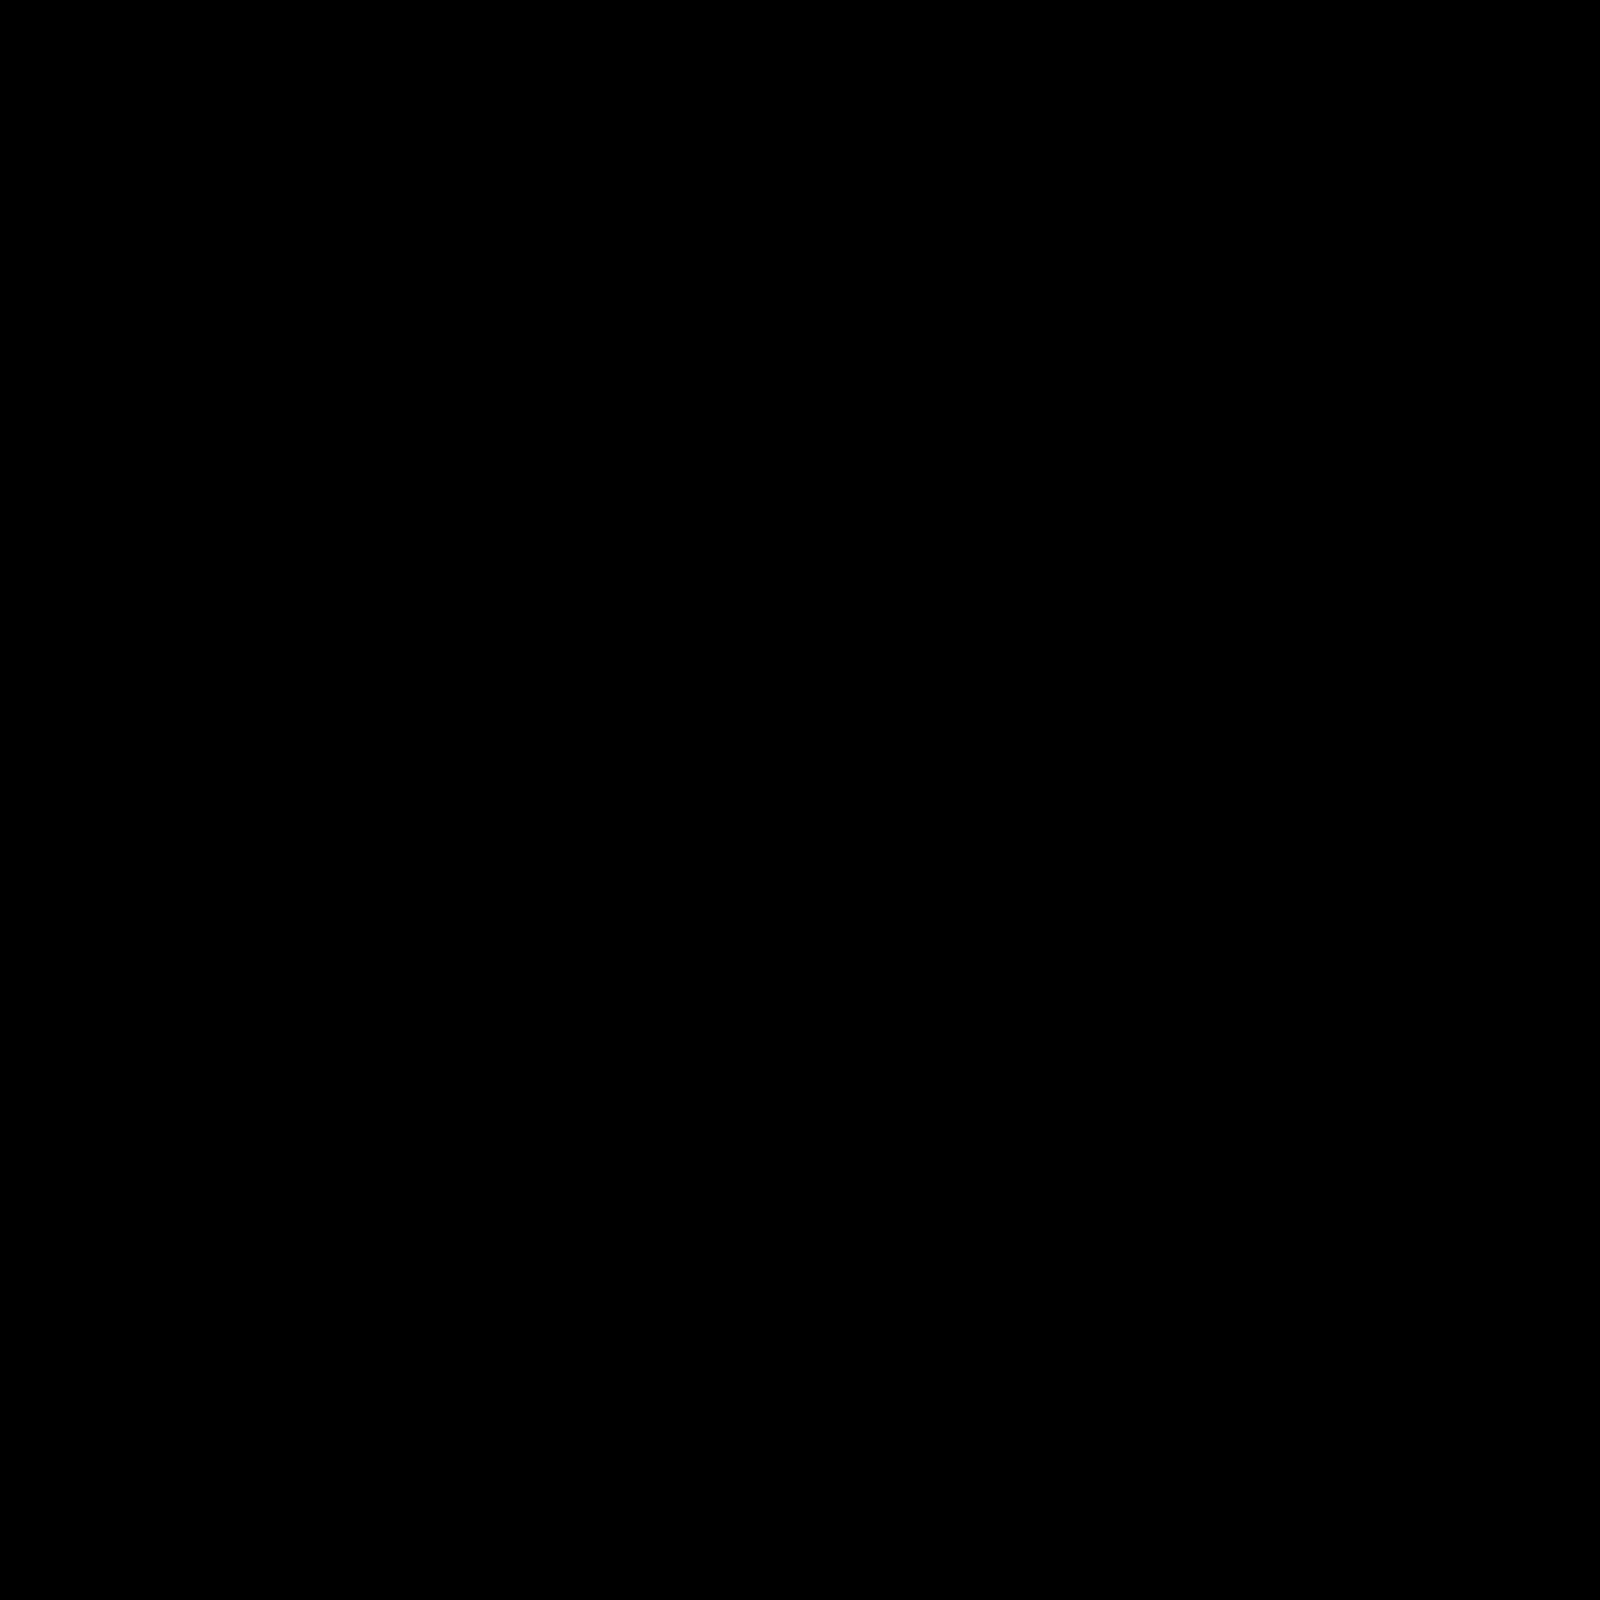 Hiragana Ki icon